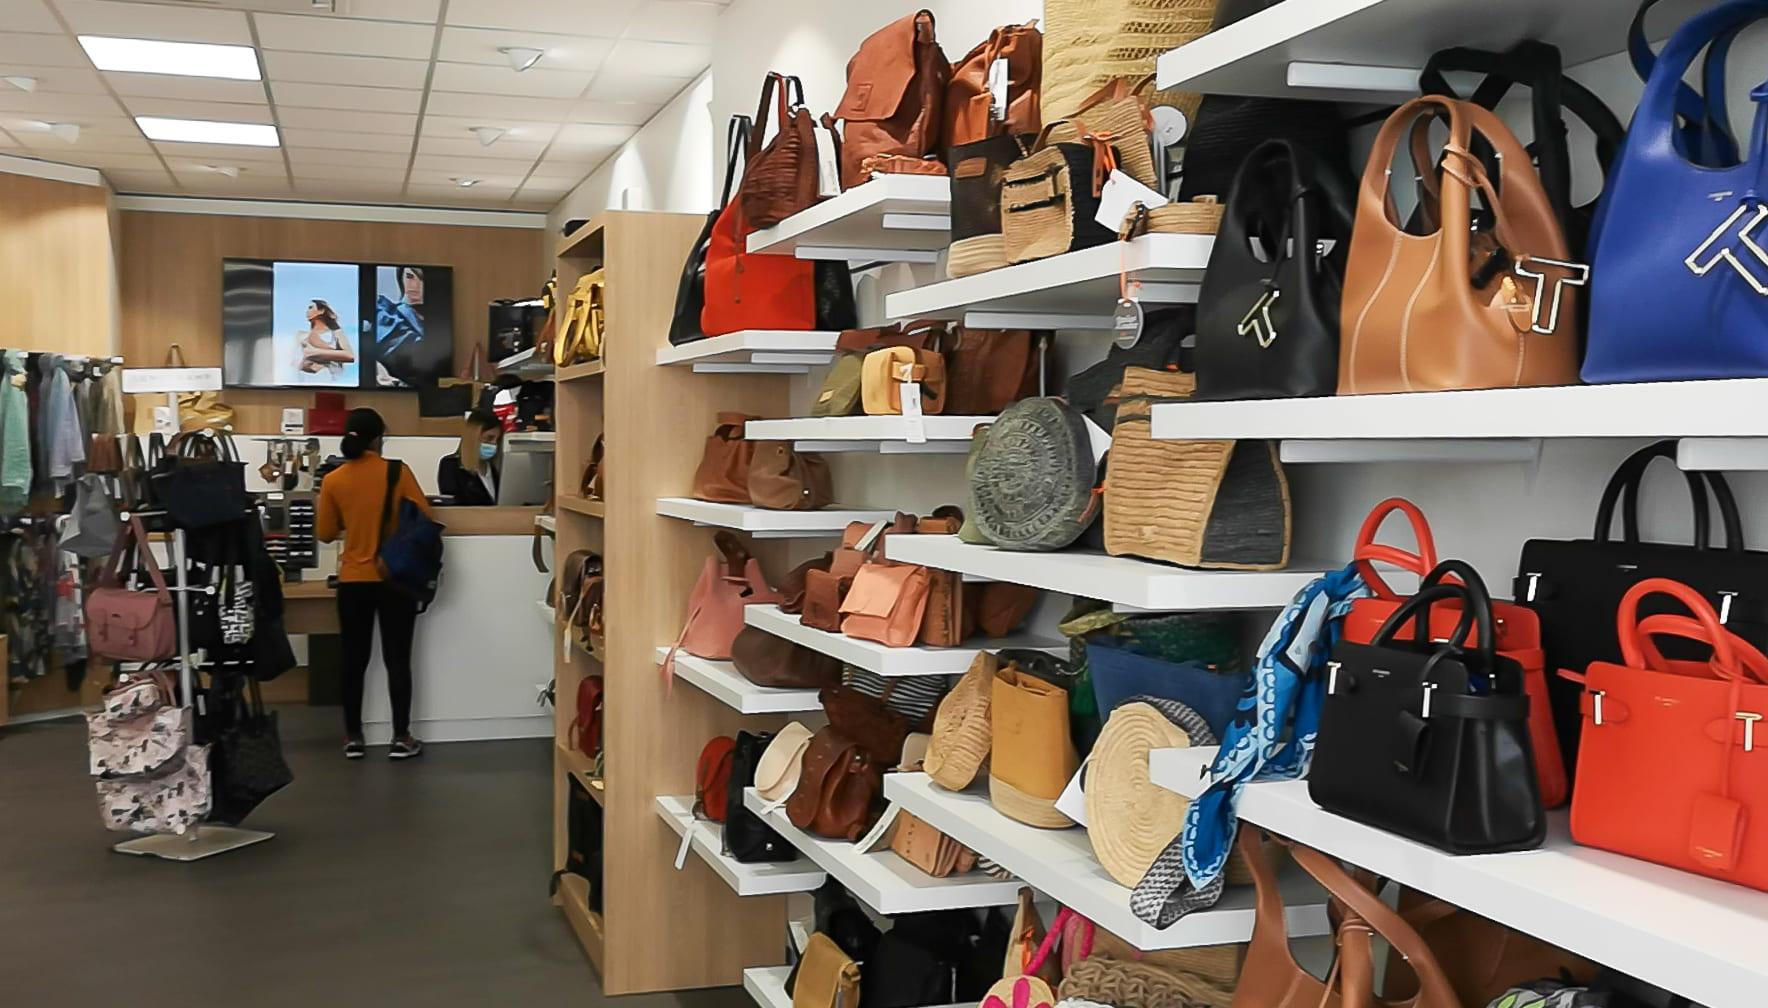 Meubles présentoirs muraux de la boutique Noix d'Arec à Castres agencé par SAFRA Agencement